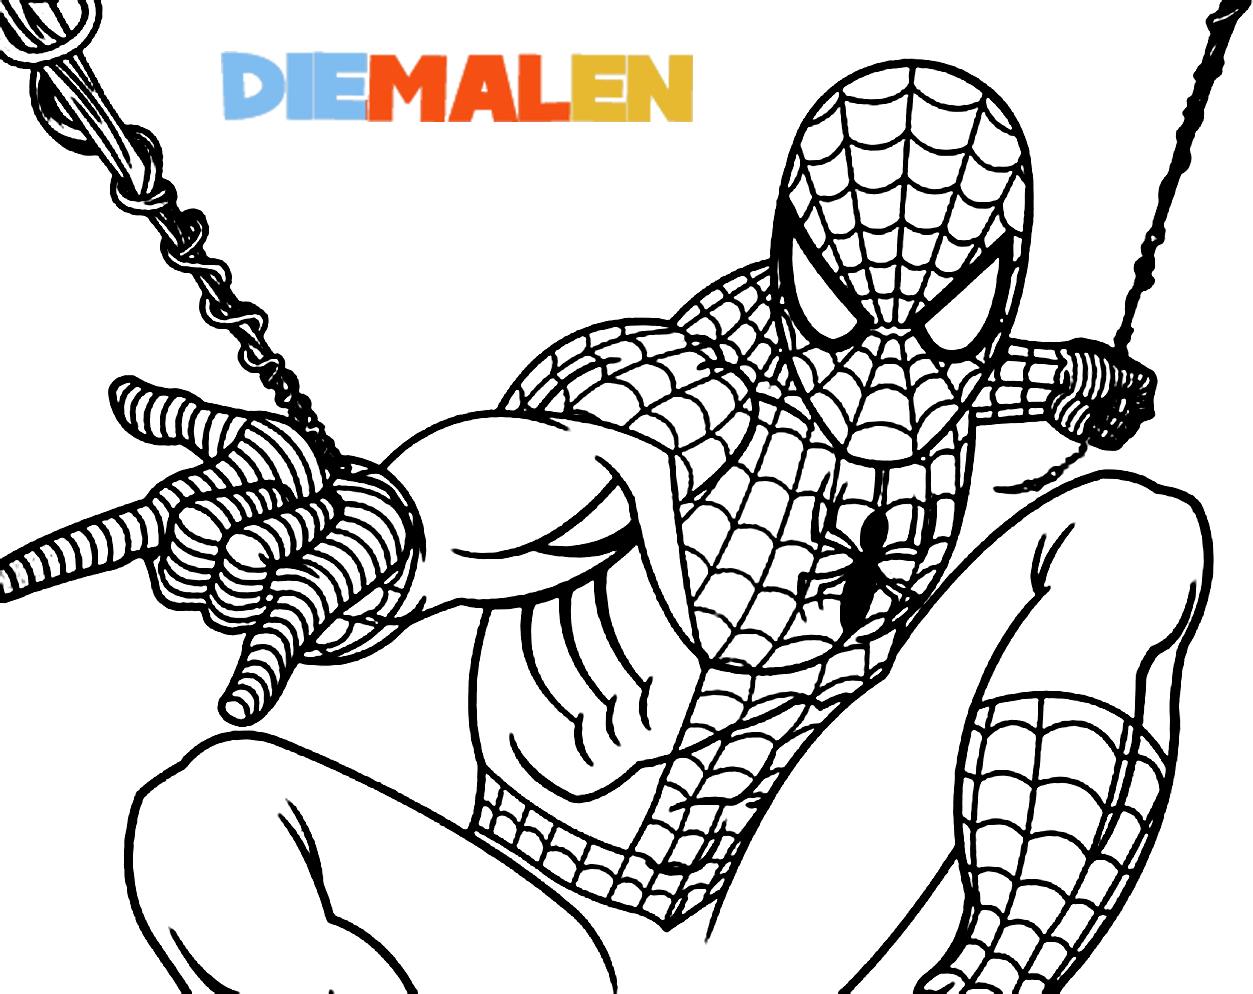 Spiderman Ausmalbilder – Beste Filmfigur → DieMalen.com